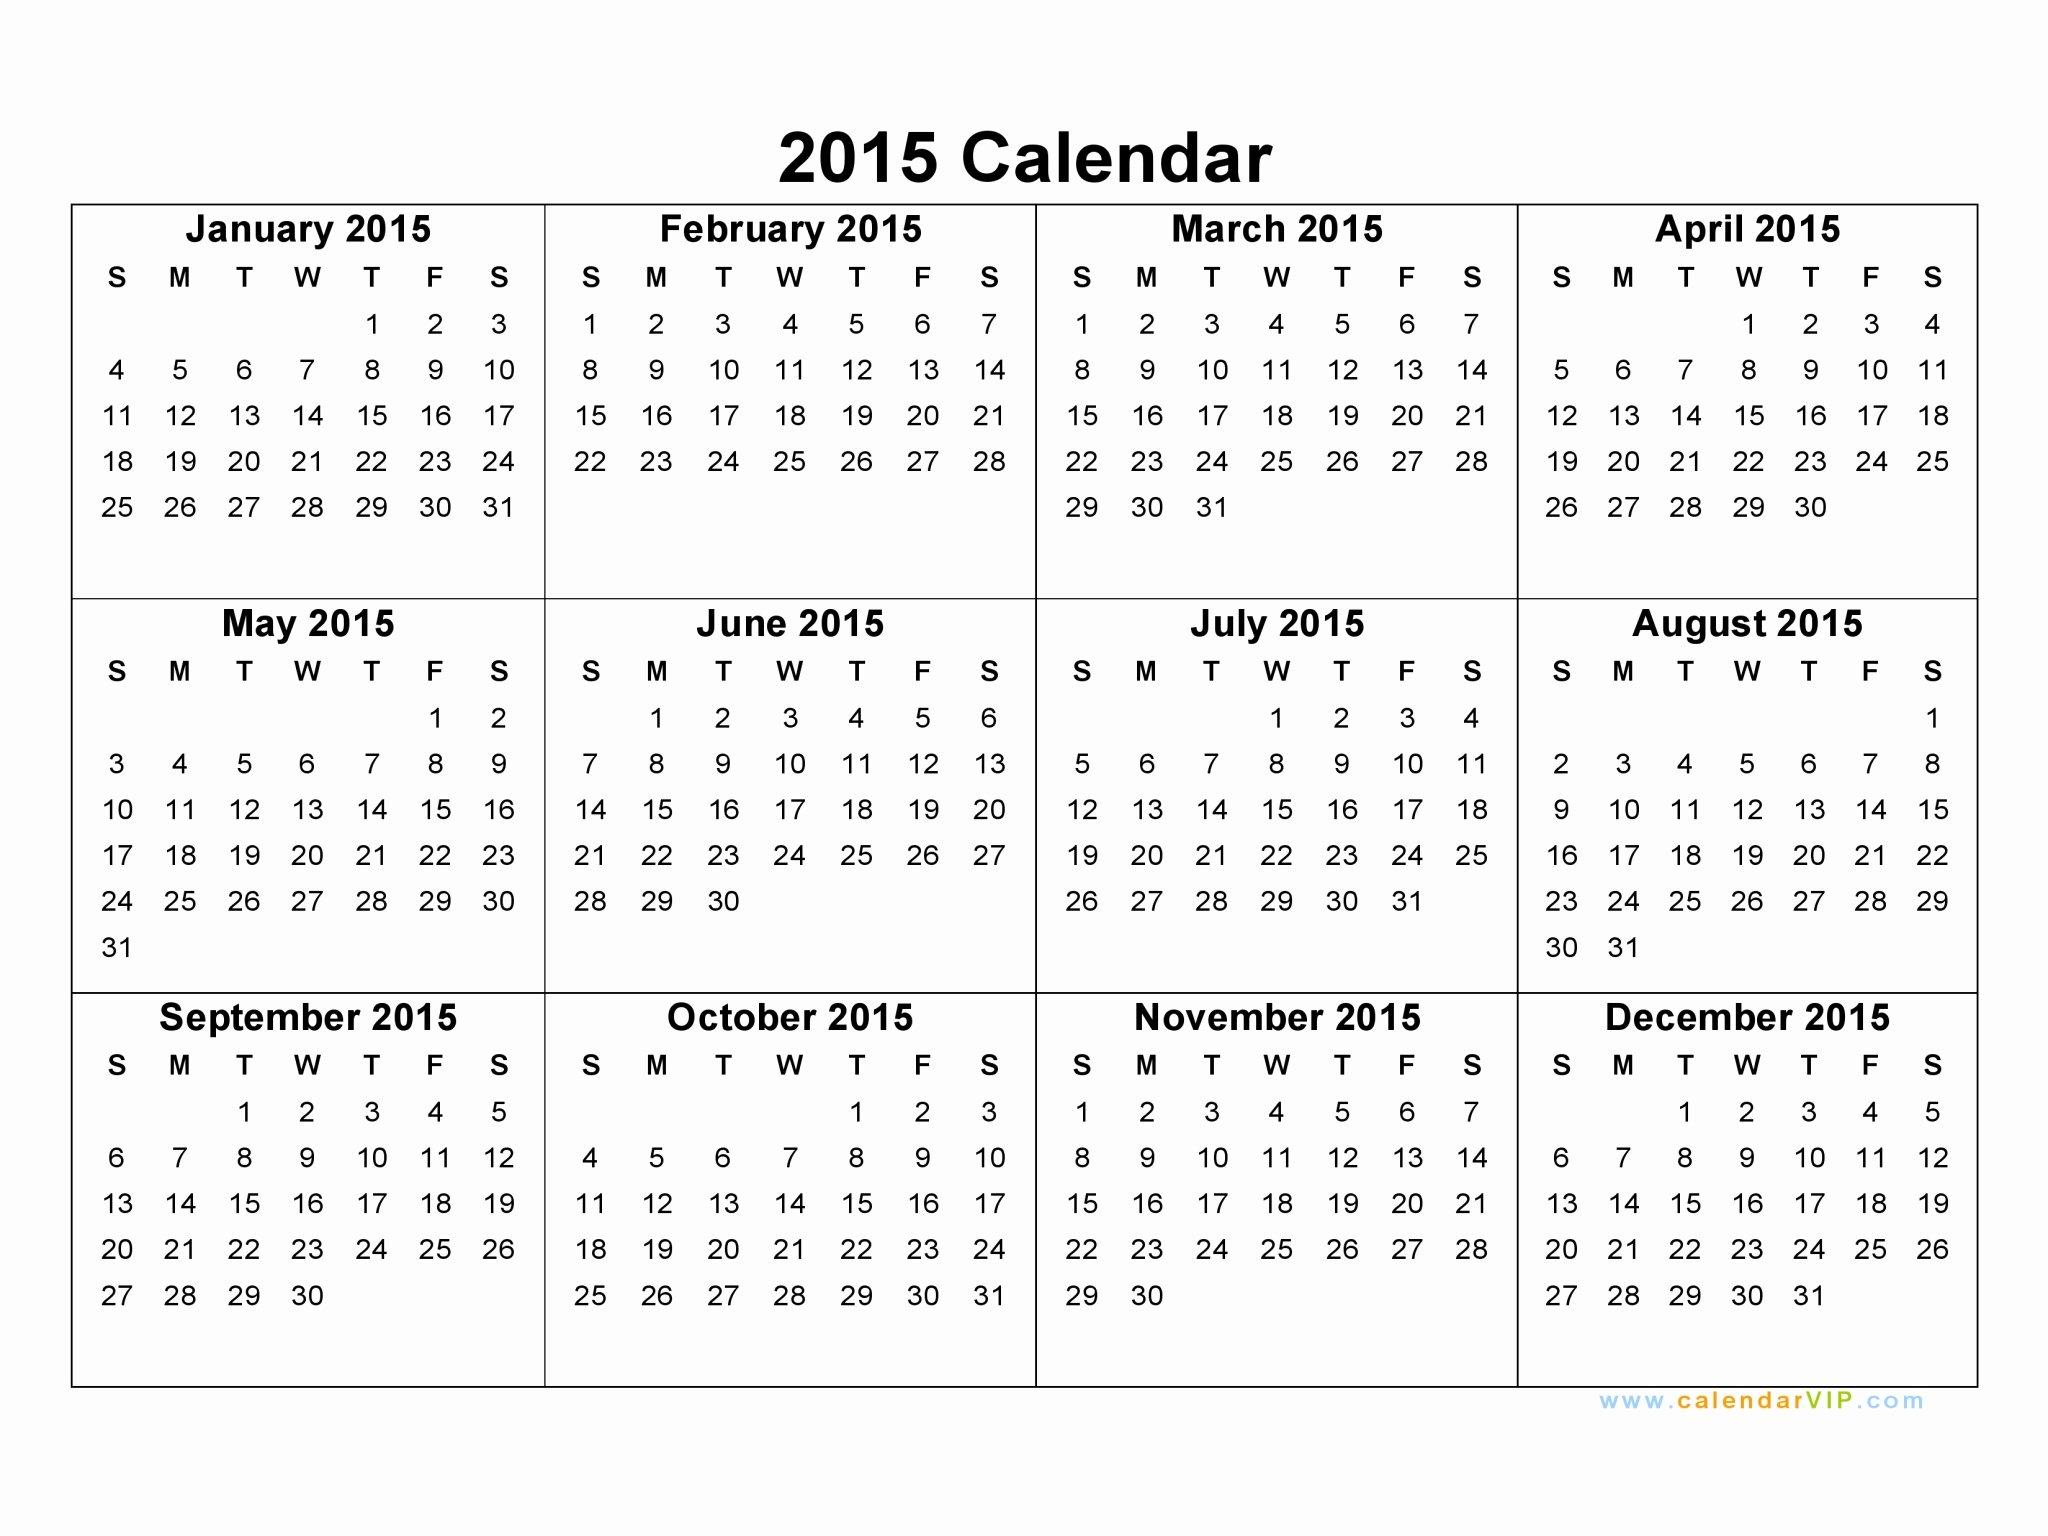 Payroll Calendar Template 2017 Luxury 2016 Payroll Calendar Template Blank